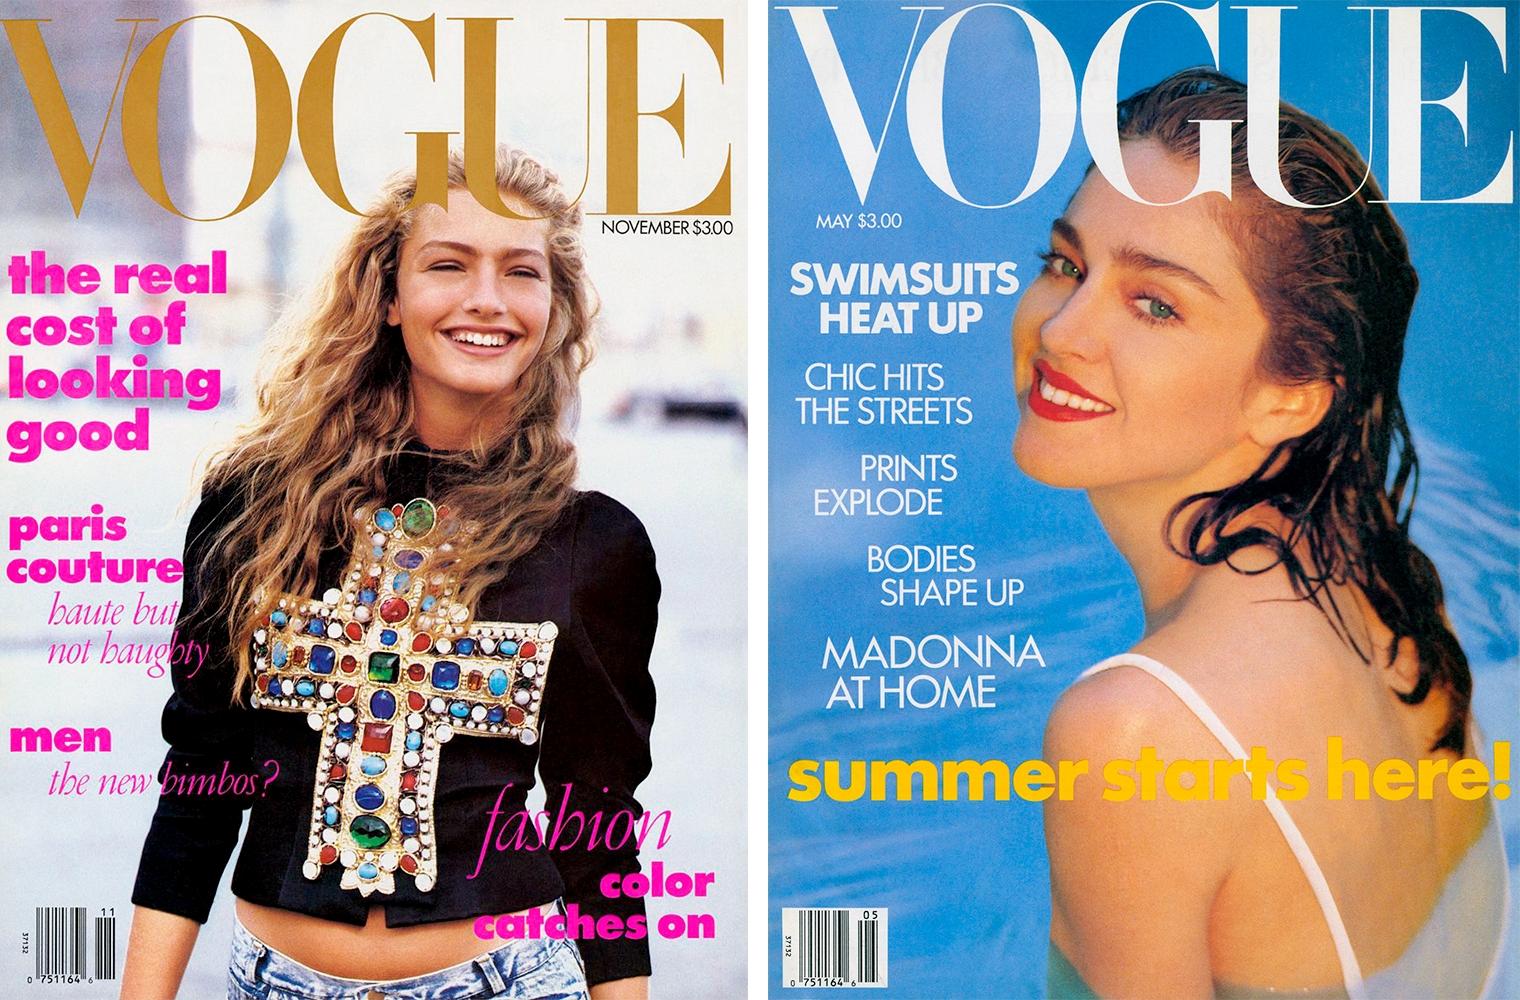 Первая обложка Анны Винтур для Vogue, Ноябрь 1988 / Мадонна на обложке Vogue, Май 1989